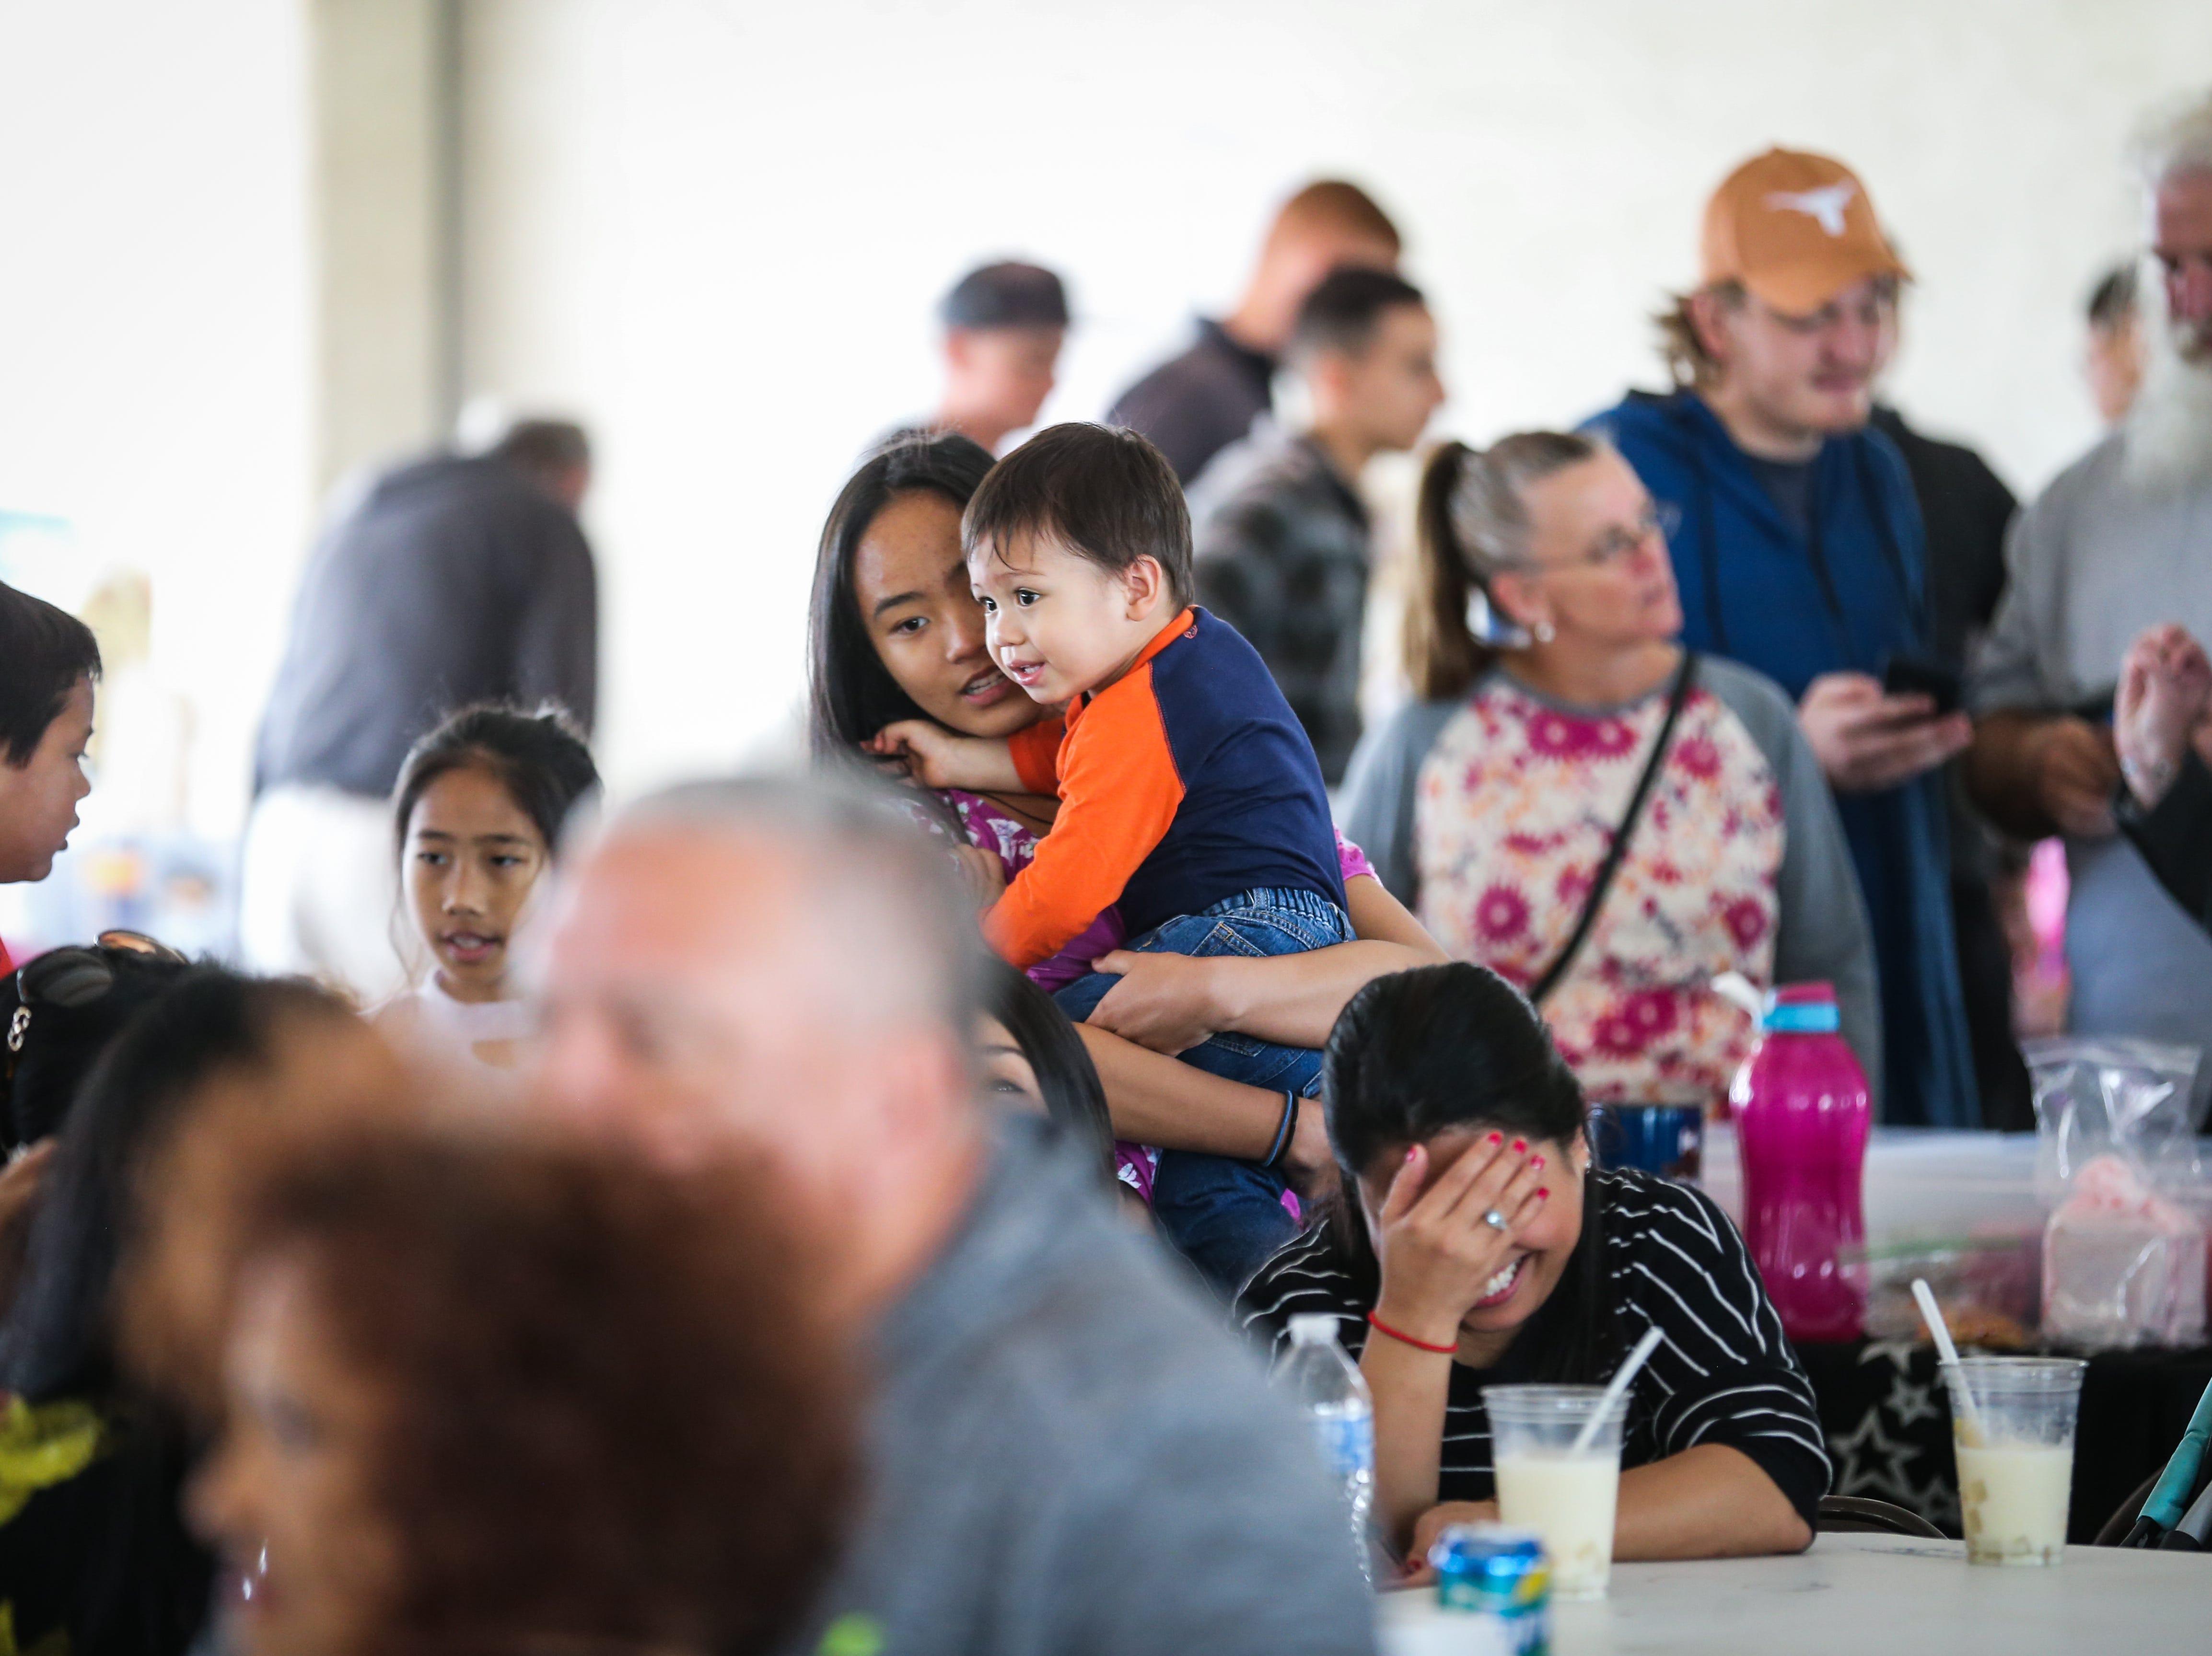 Families and friends hang out at the Asian Bazaar Saturday, Oct. 20, 2018, at El Paseo de Santa Angela.